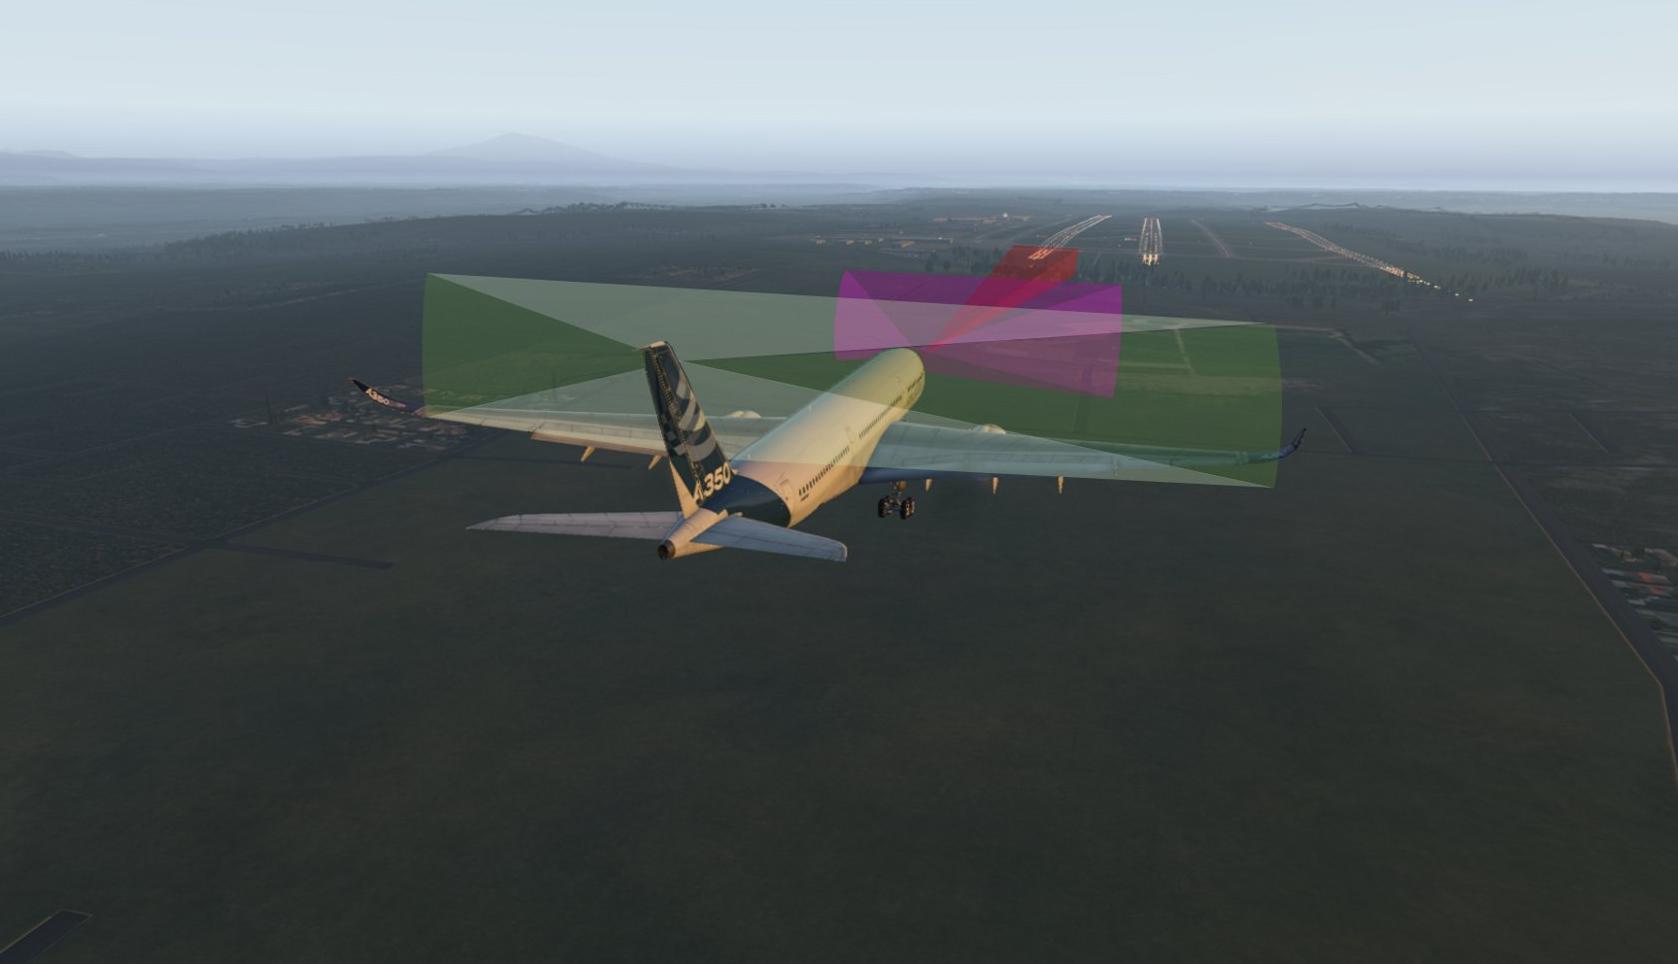 Luminar-Airbus-Lidar-Partnership